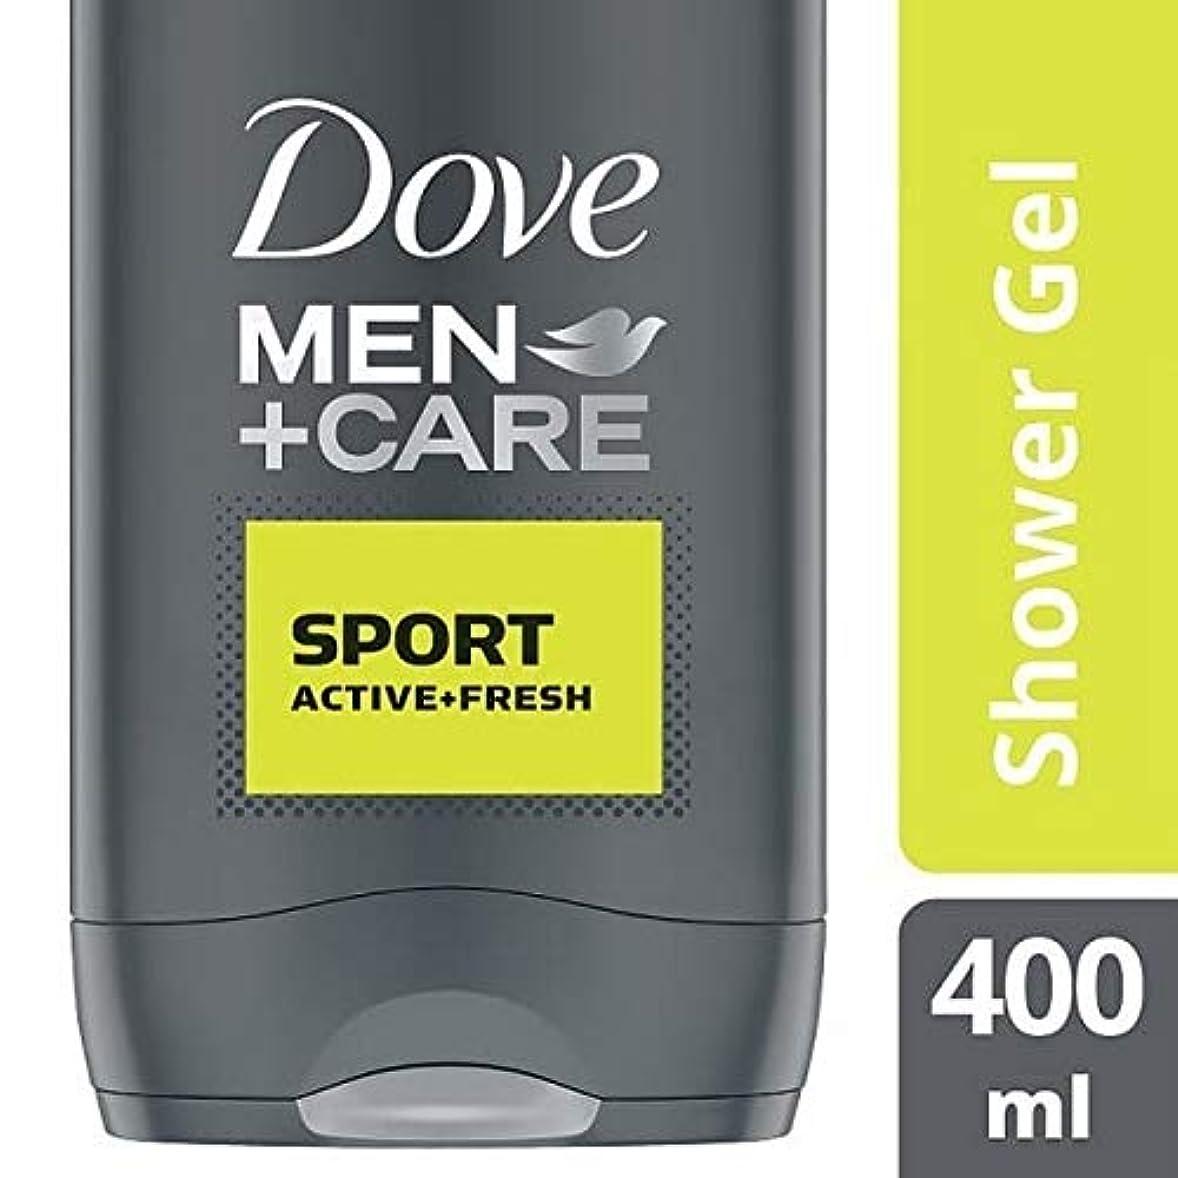 長々と海軍名門[Dove ] 鳩の男性+ケアスポーツアクティブ&フレッシュボディウォッシュ400ミリリットル - Dove Men + Care Sport Active & Fresh Bodywash 400ml [並行輸入品]